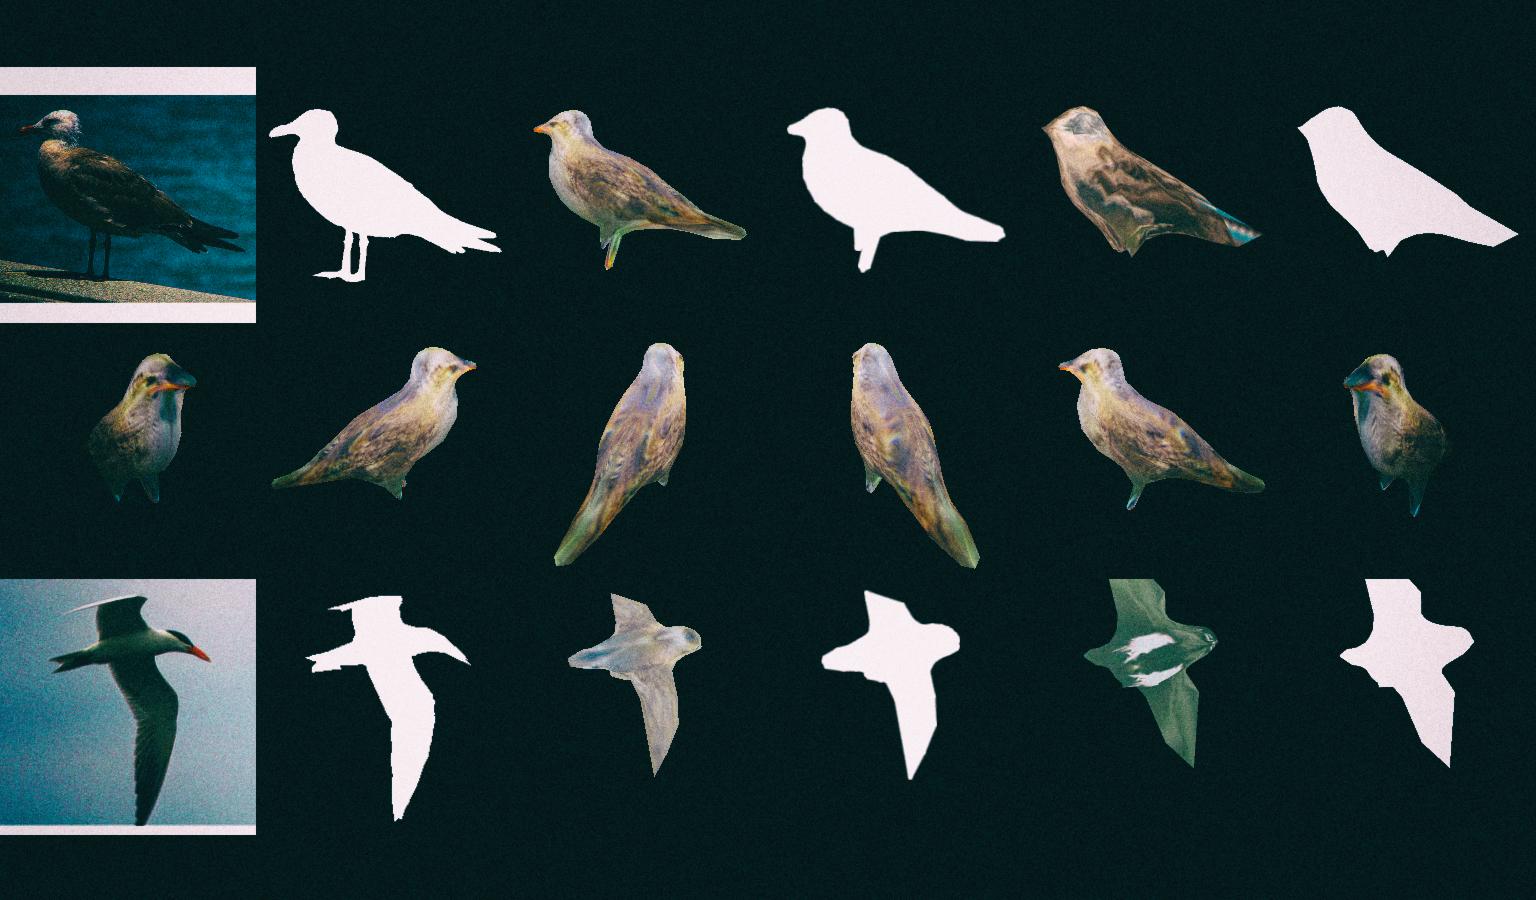 Искусственный интеллект научился превращать плоские картинки в трехмерные объекты